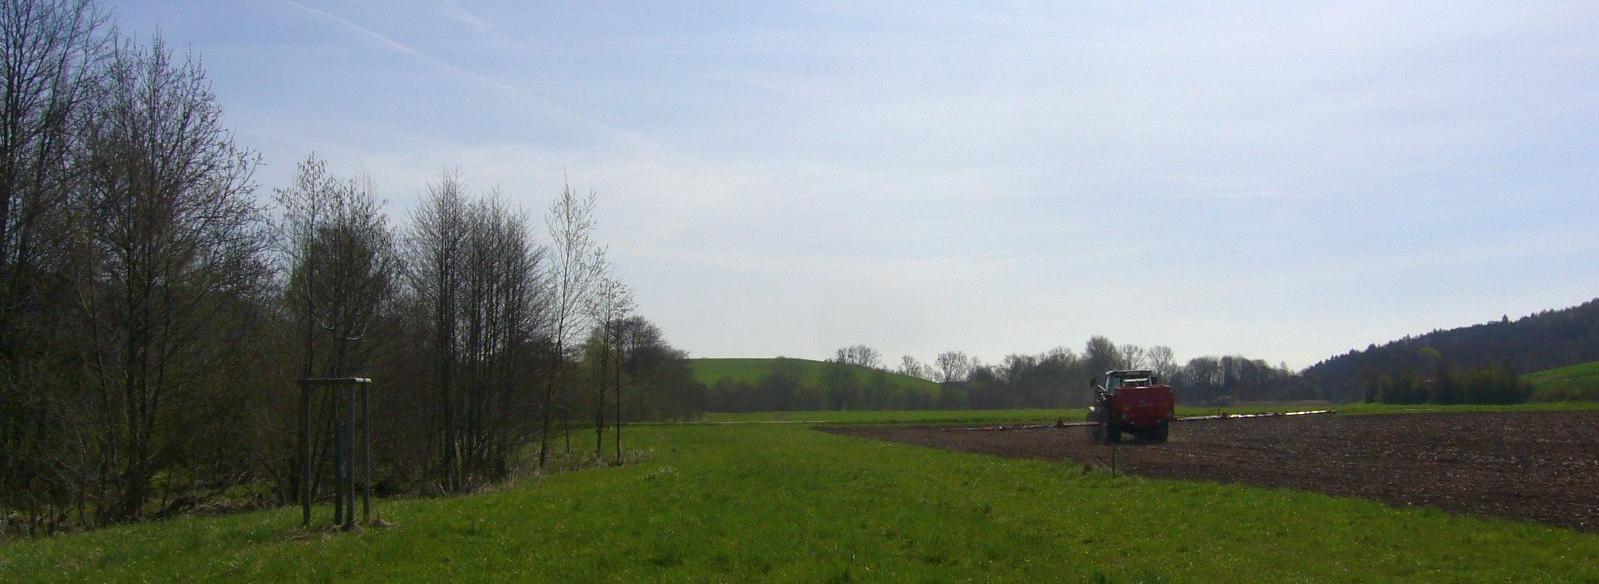 Traktor auf dem Acker landwirtschaft.JPG